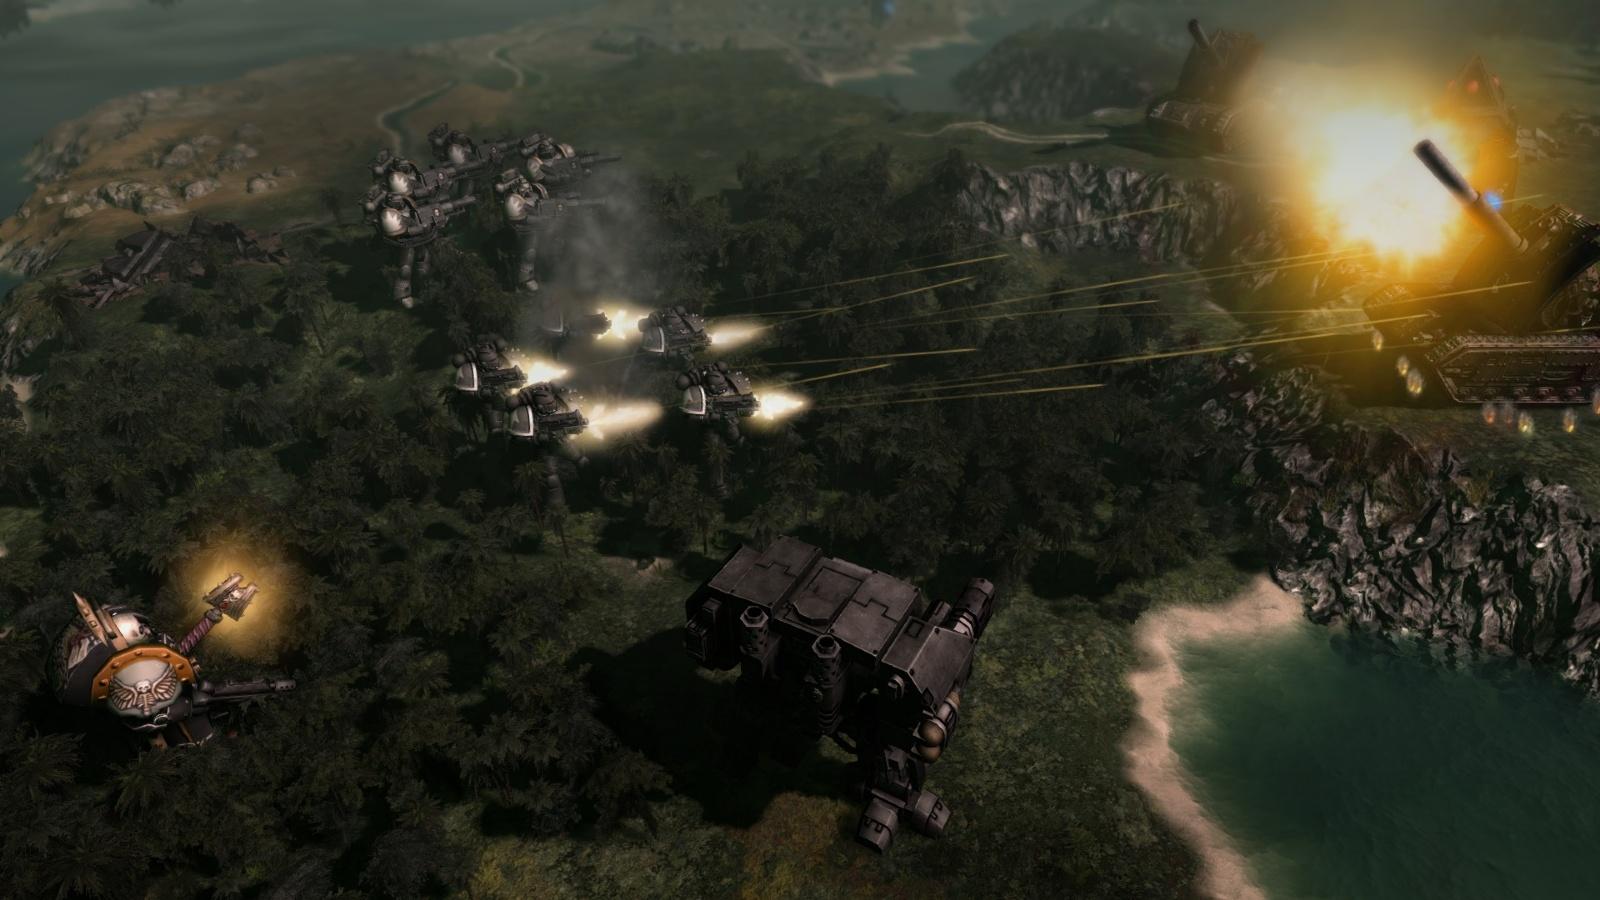 Čtyři odlišné zážitky slibuje 4X strategie ze světa Warhammeru 40,000 153197